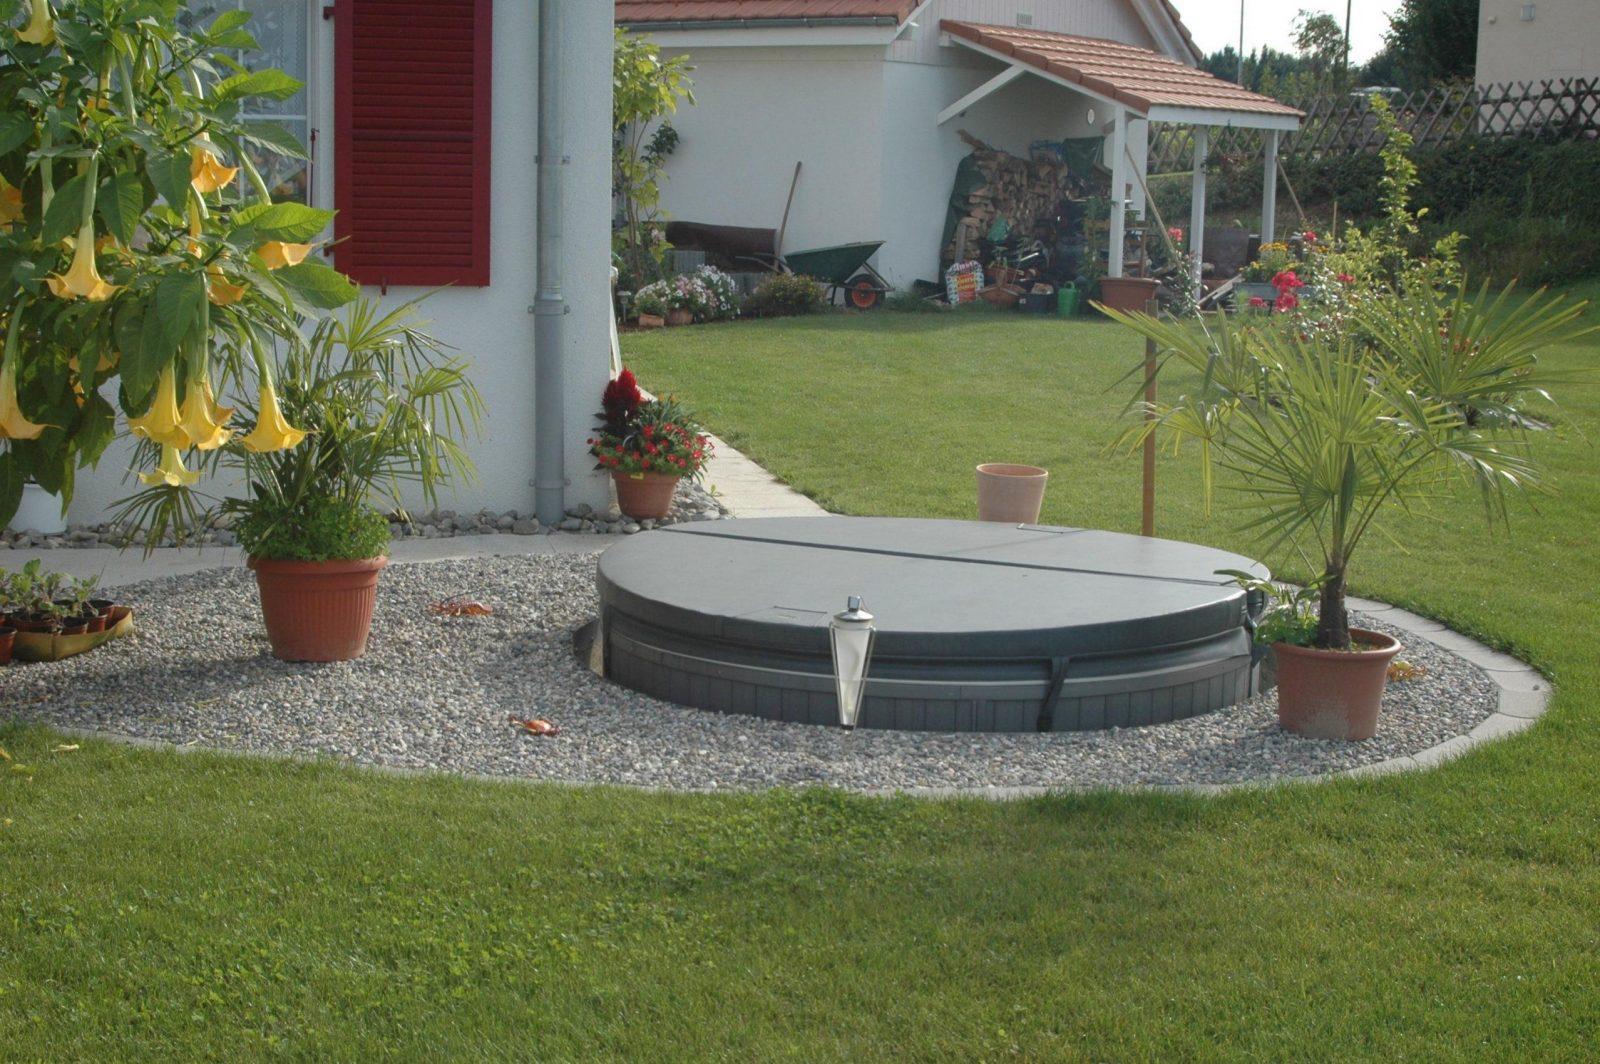 Luxury Whirlpool Im Garten Selber Bau 87 Images Whirlpool Umrandung von Whirlpool Umrandung Selber Bauen Photo